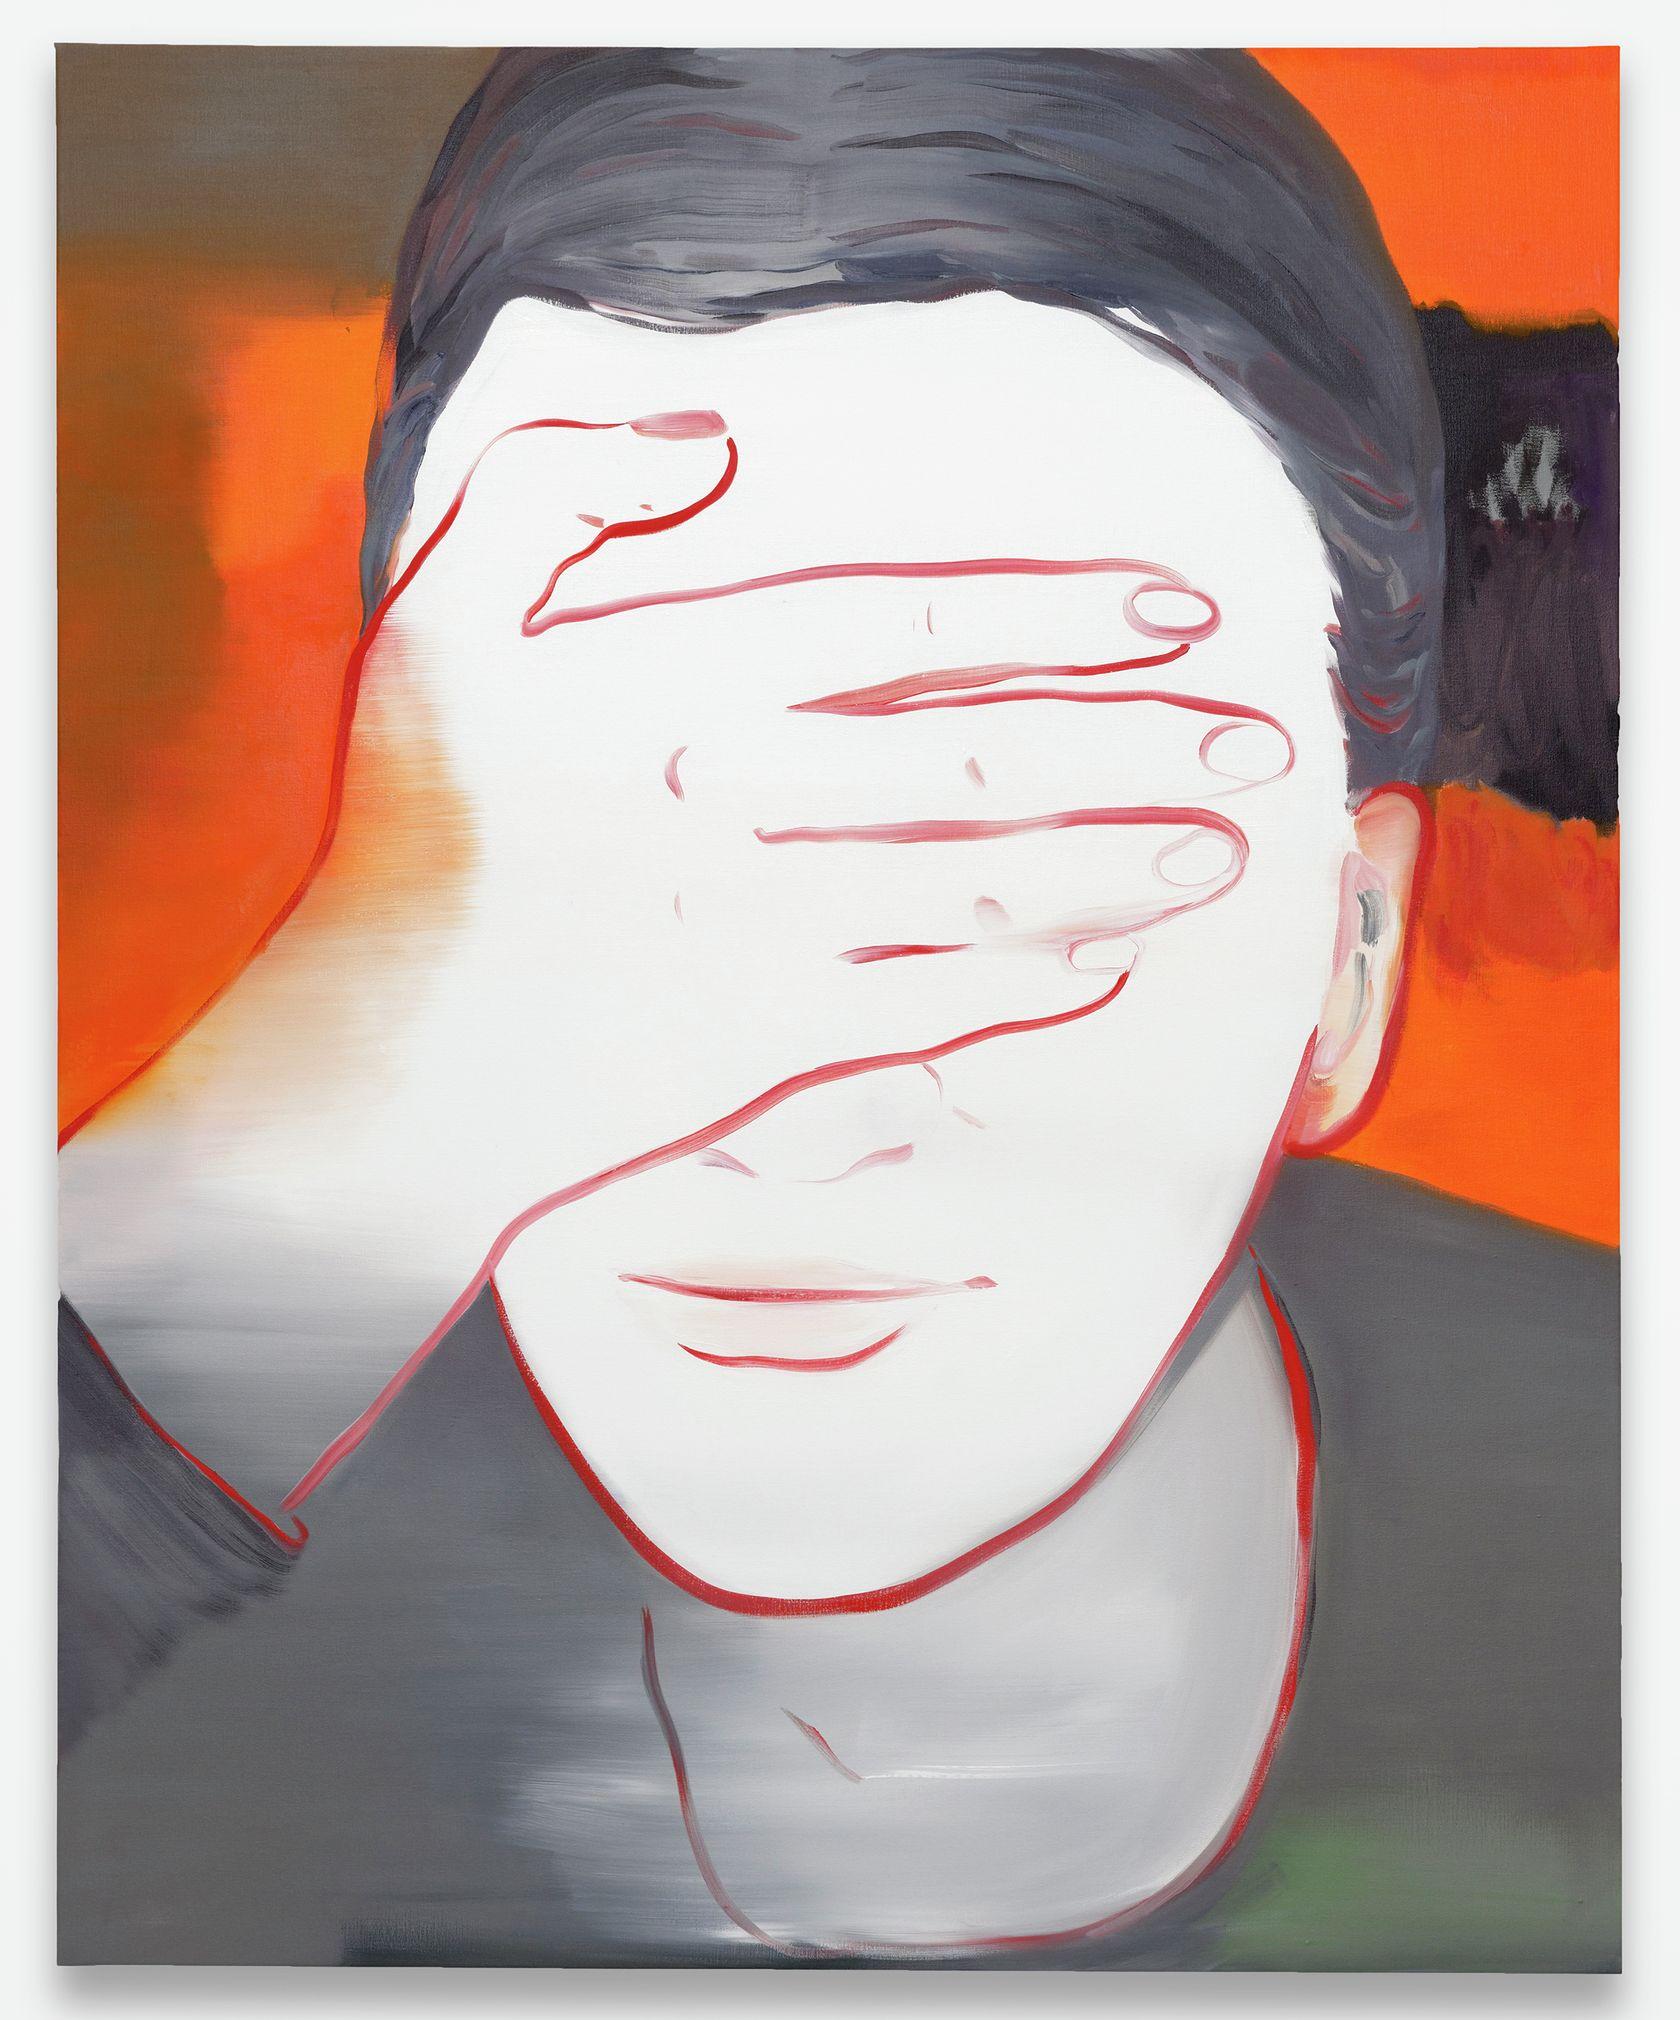 Françoise Pétrovitch, Aveuglé, 2020 Huile sur toile160 × 130 cm / 63  × 51 1/8 in.